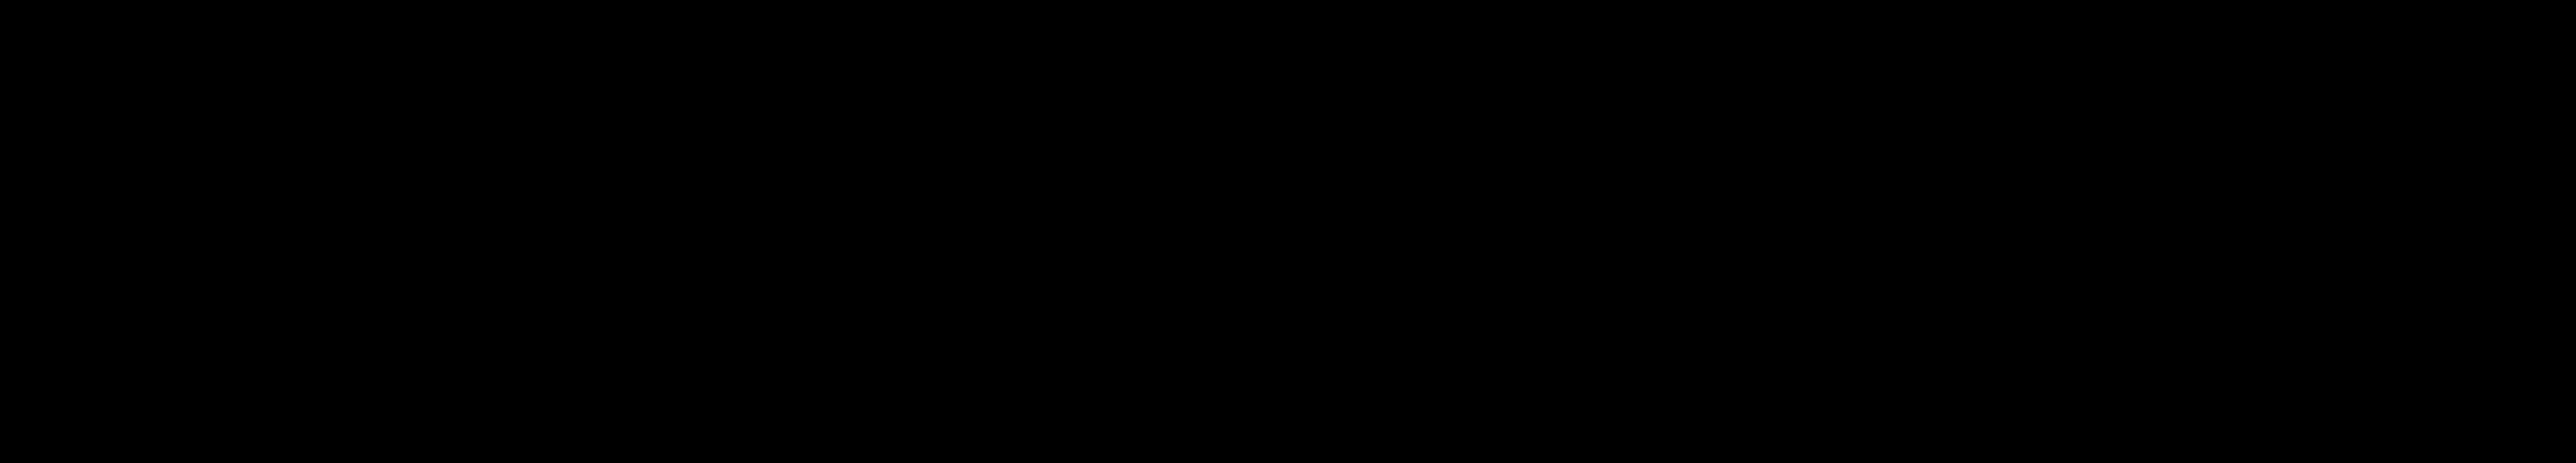 Метод лст